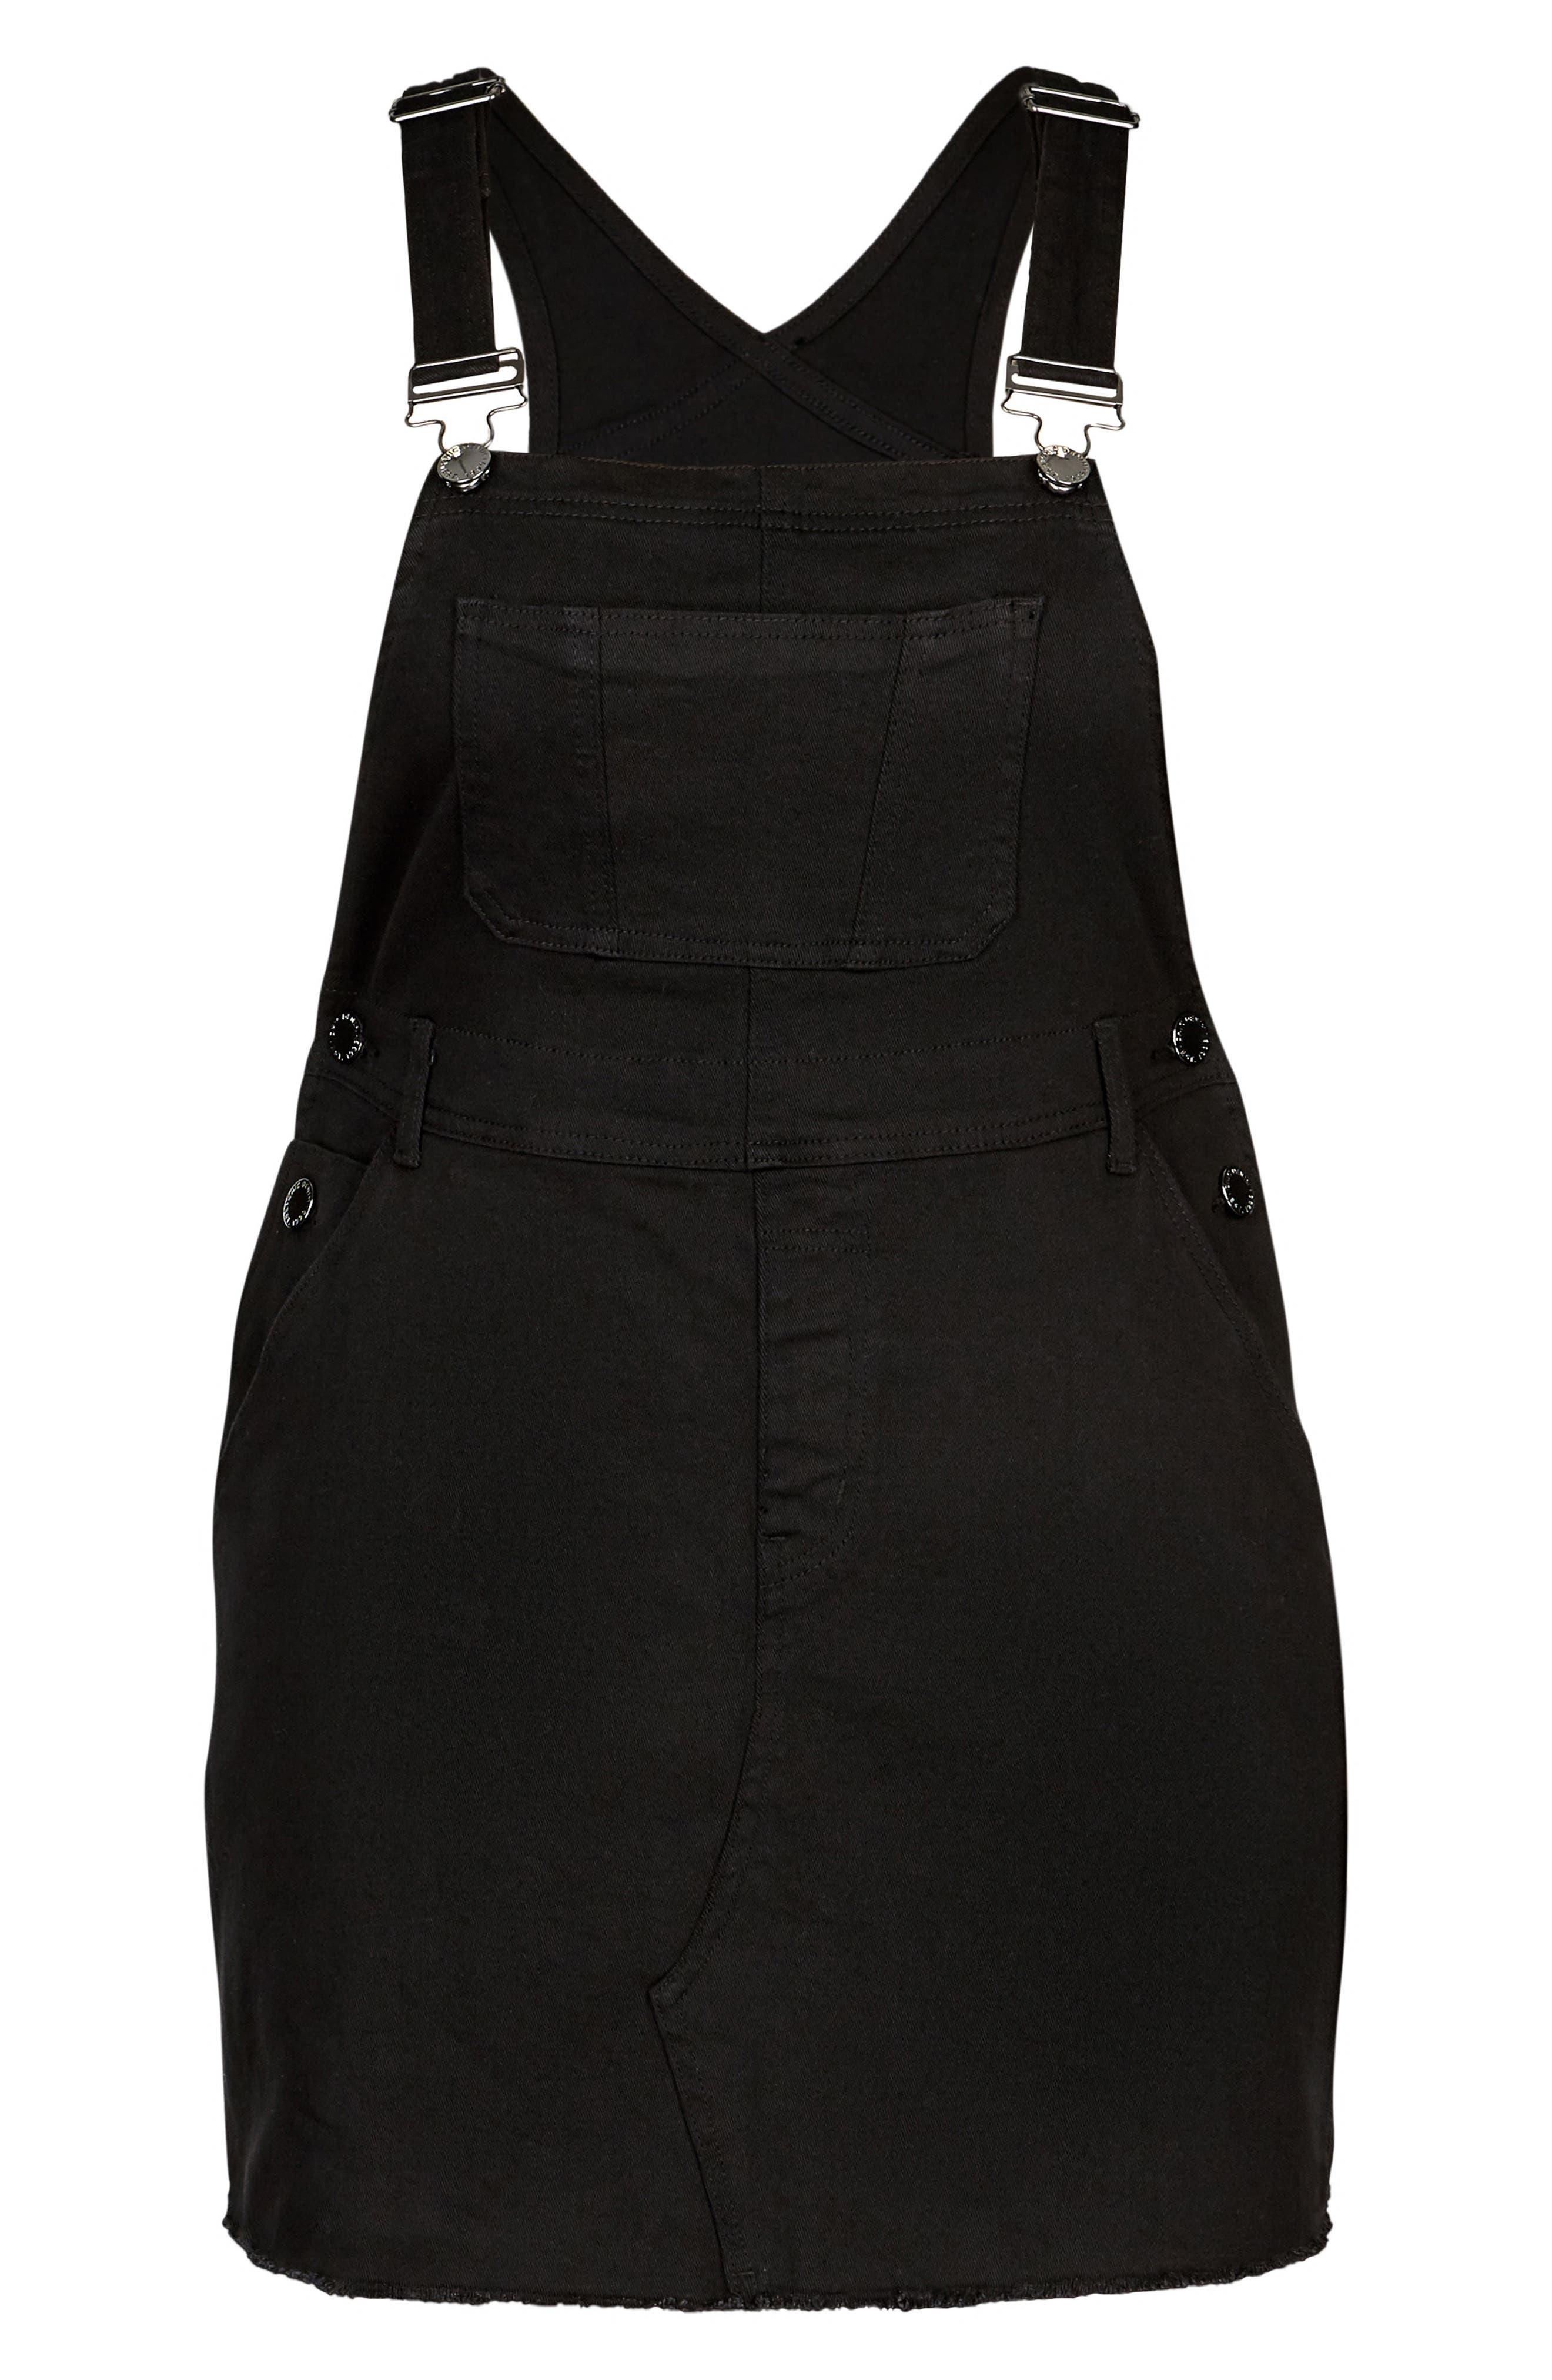 Denim Overall Dress,                             Alternate thumbnail 3, color,                             Black